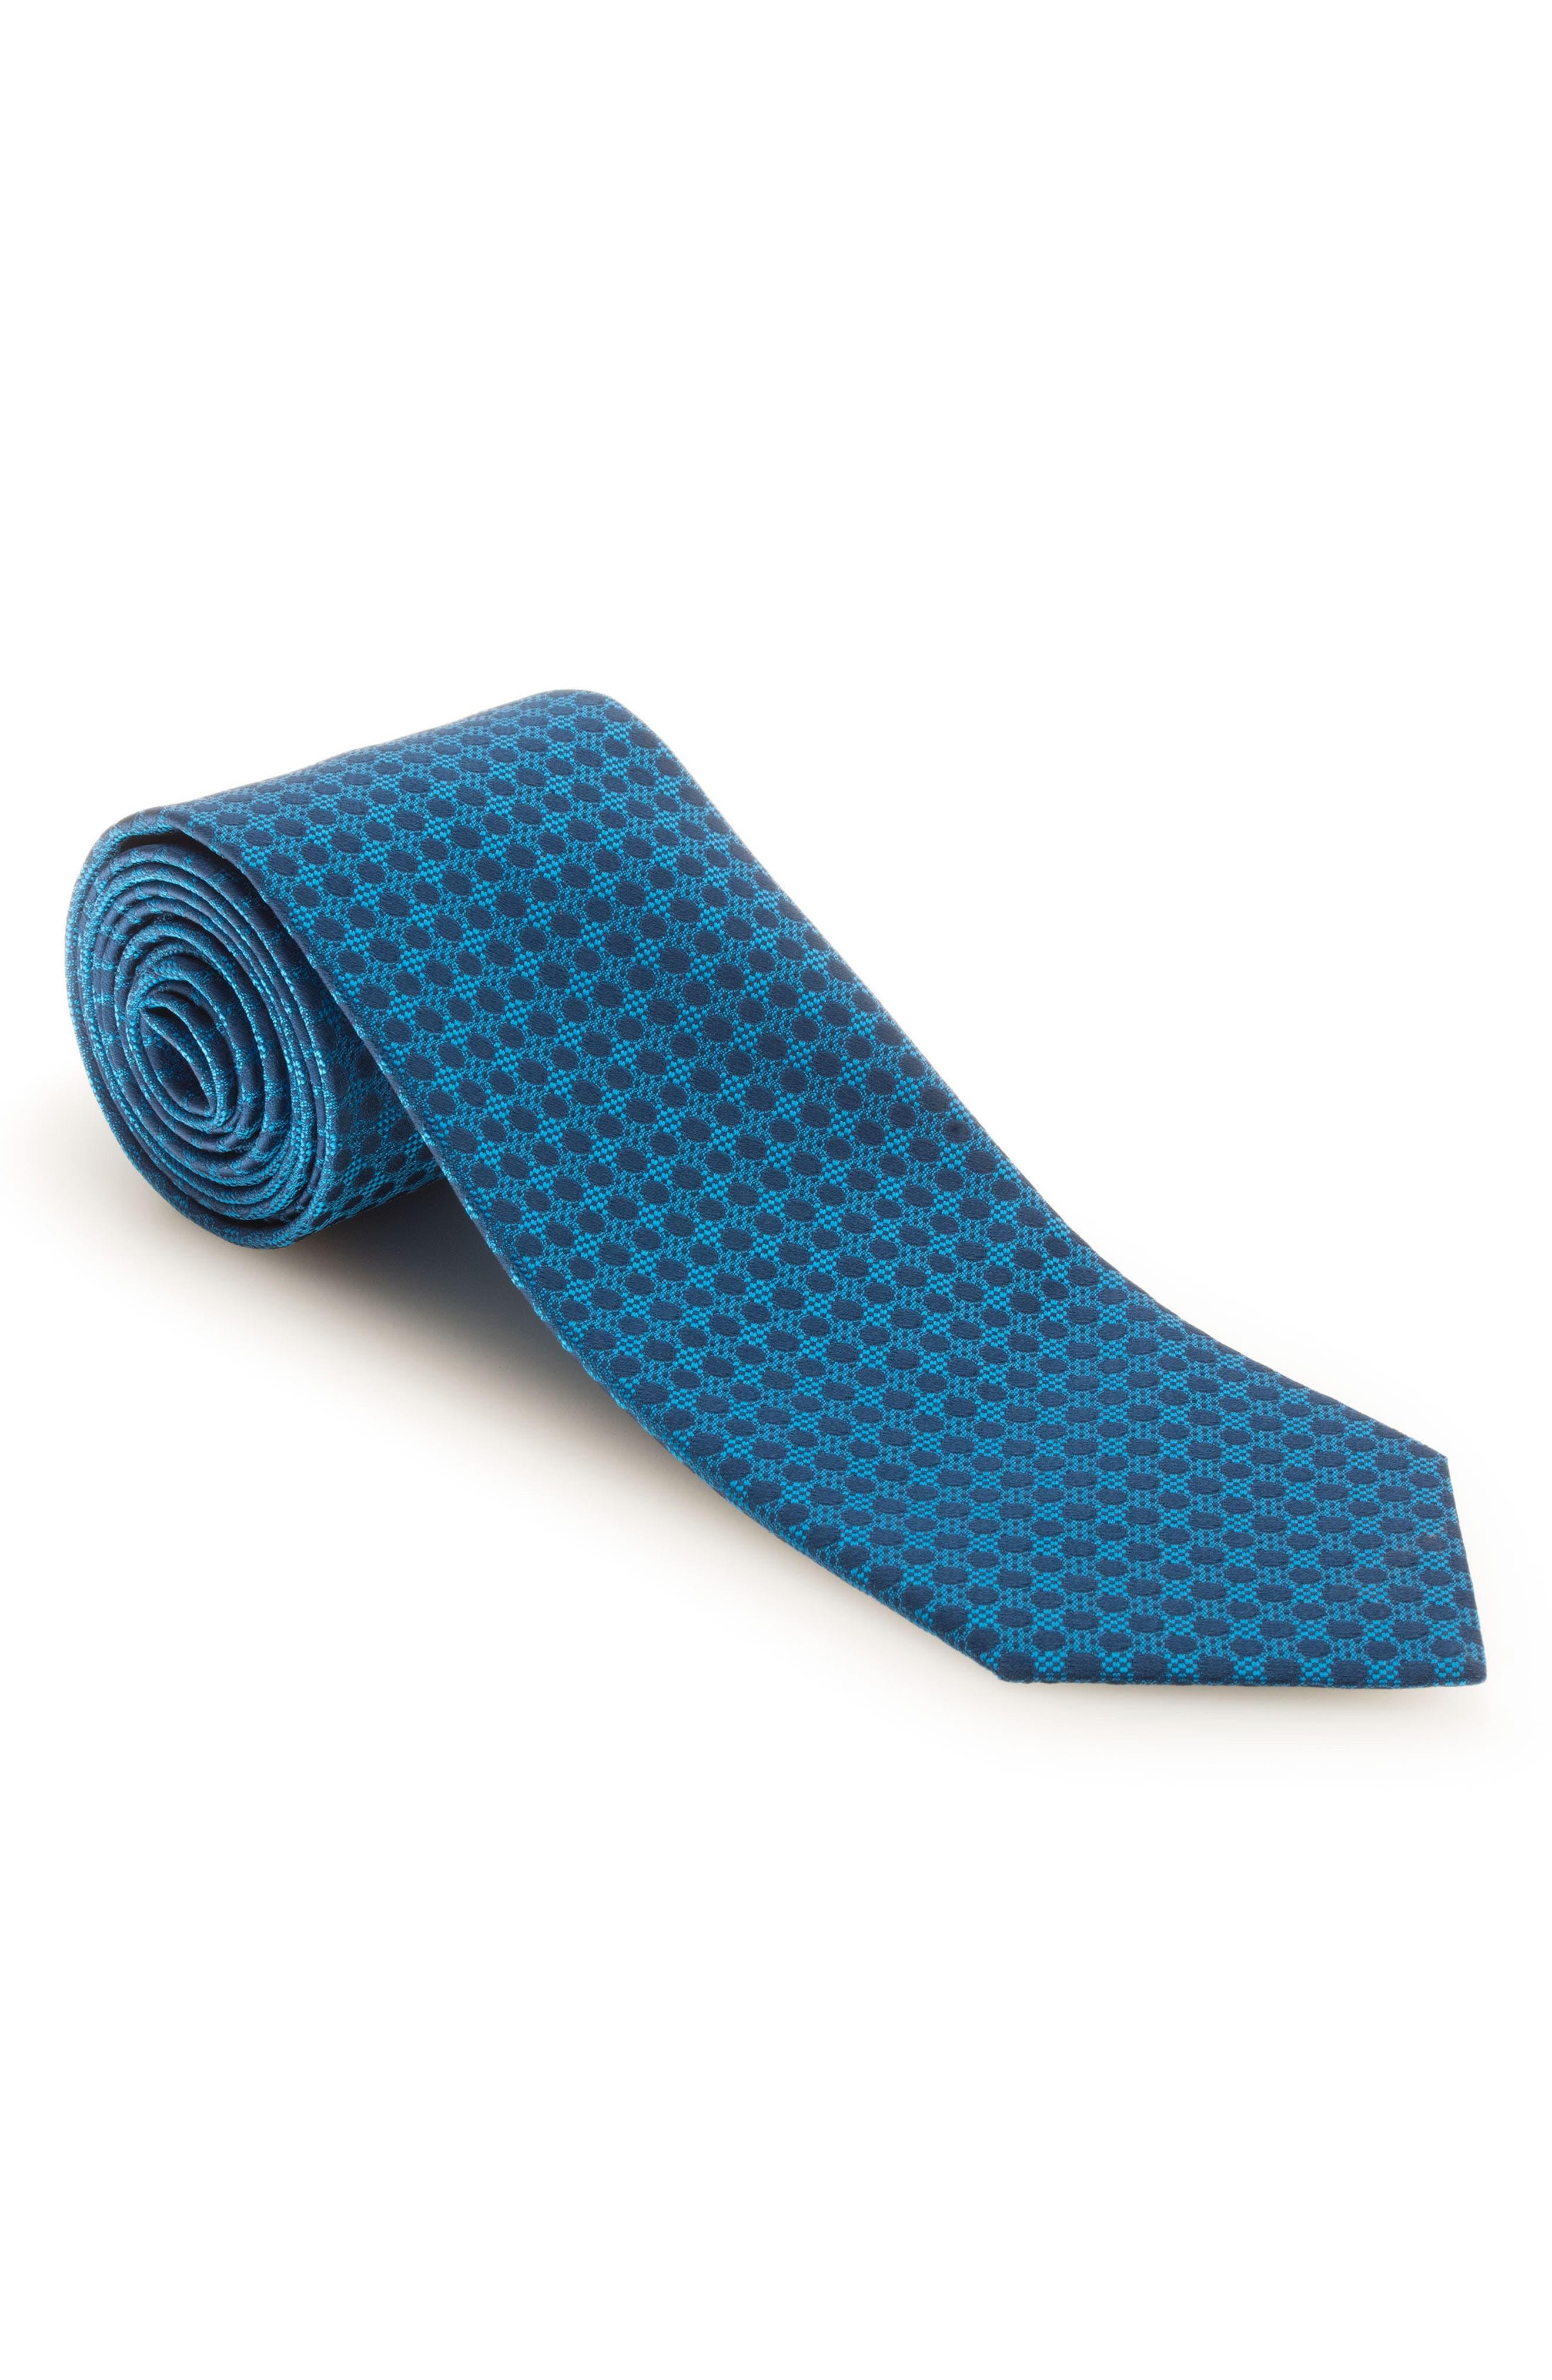 Main Image - Robert Talbott Dot Silk Tie